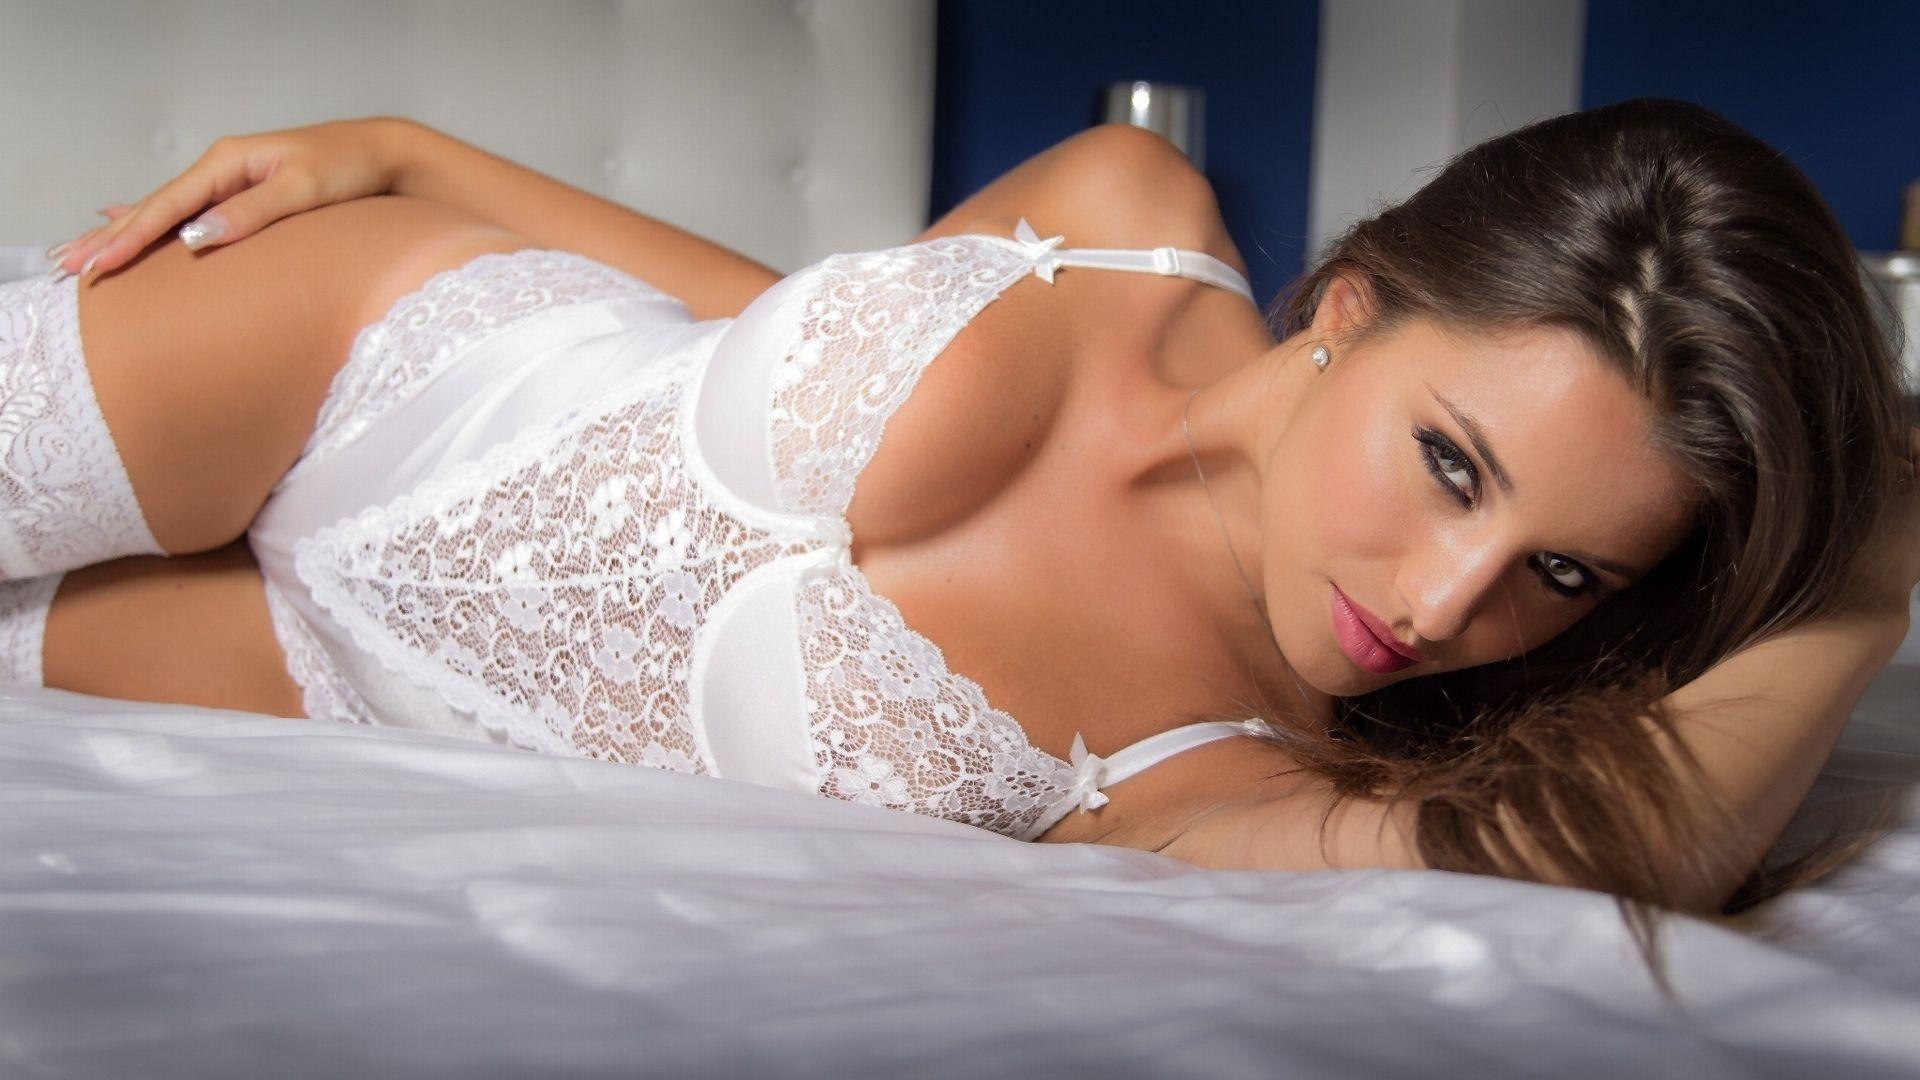 красивое нижнее белье снимает красиво девушка посмотреть видео хорошего качества полушария манят себе